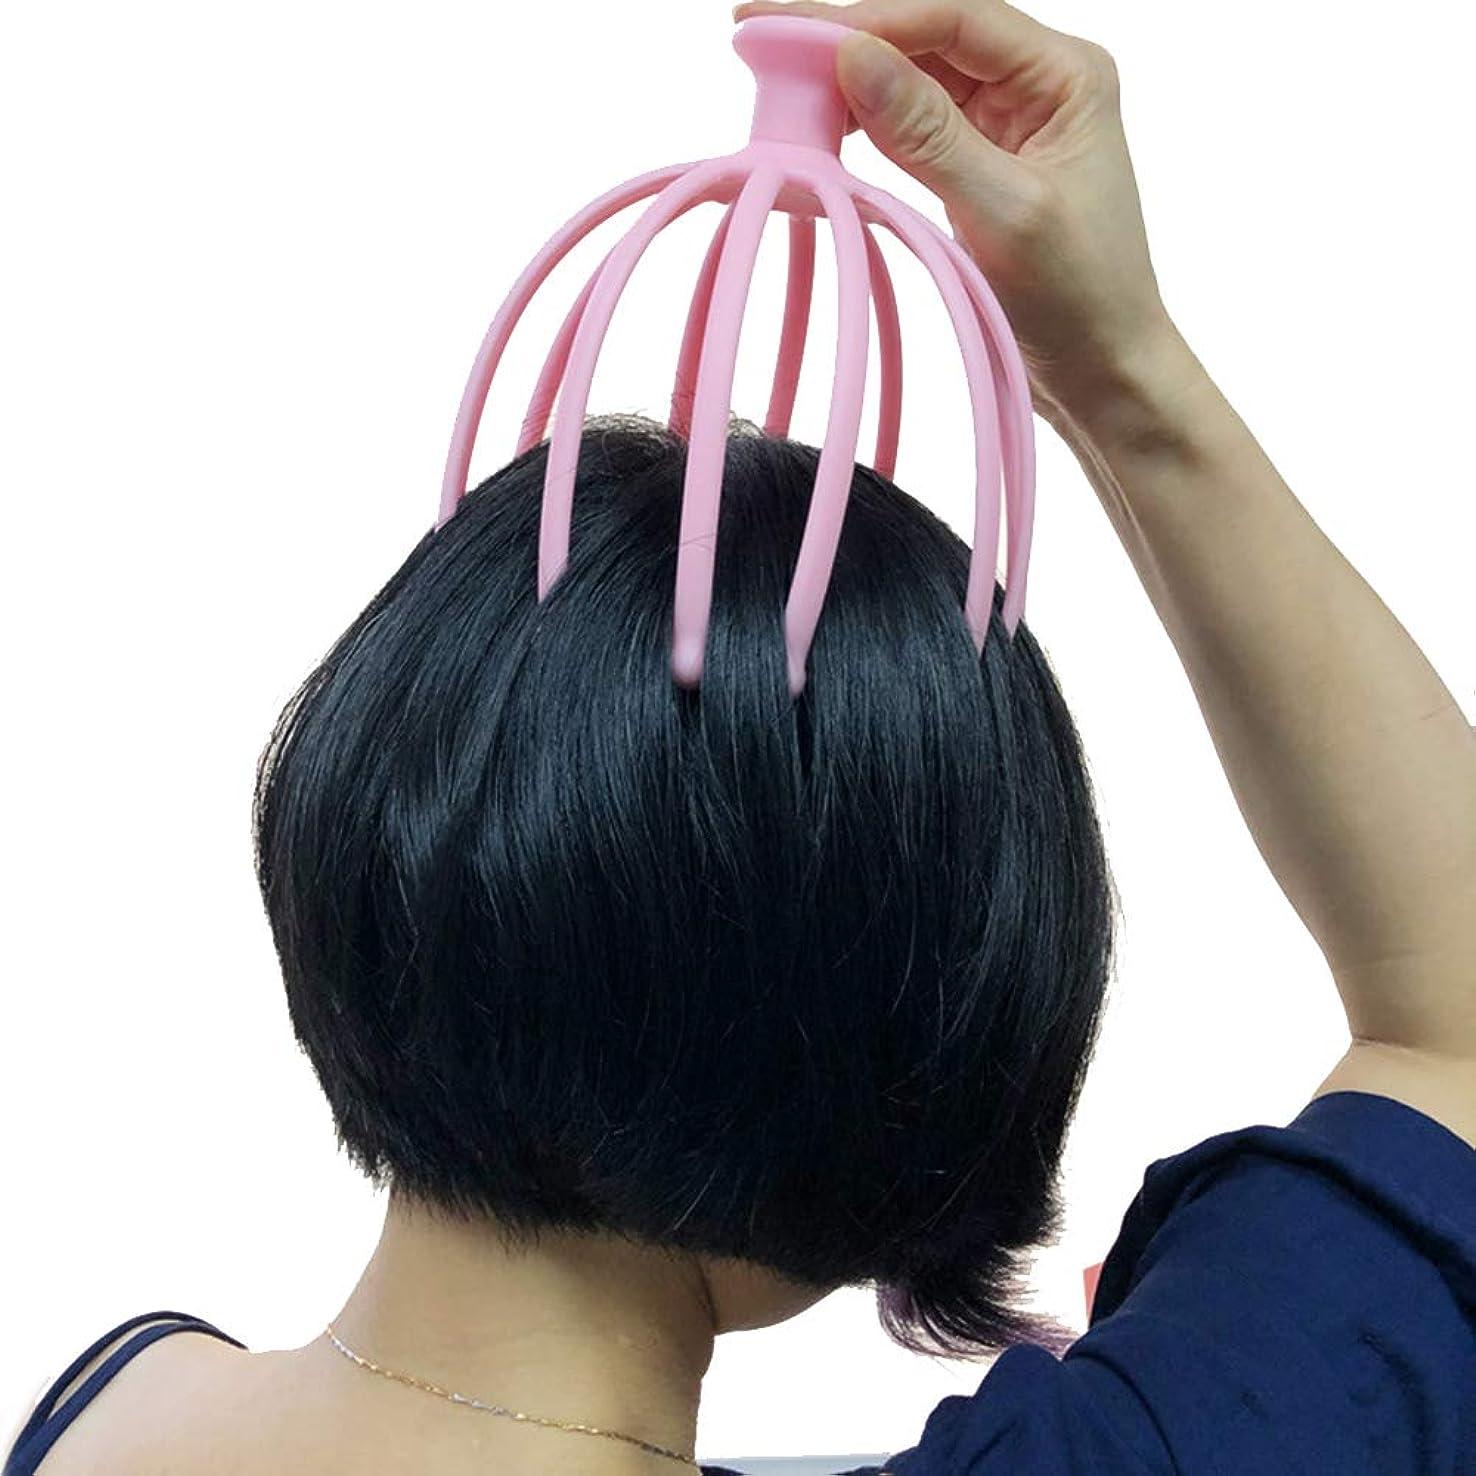 なぜならエチケット渦ヘッドマッサージ 鋼球 12本の爪 マッサージャーツボ なだめるような ブレーンストーミング 人目を引く 頭皮 マッサージャー ? (1パック),Pink